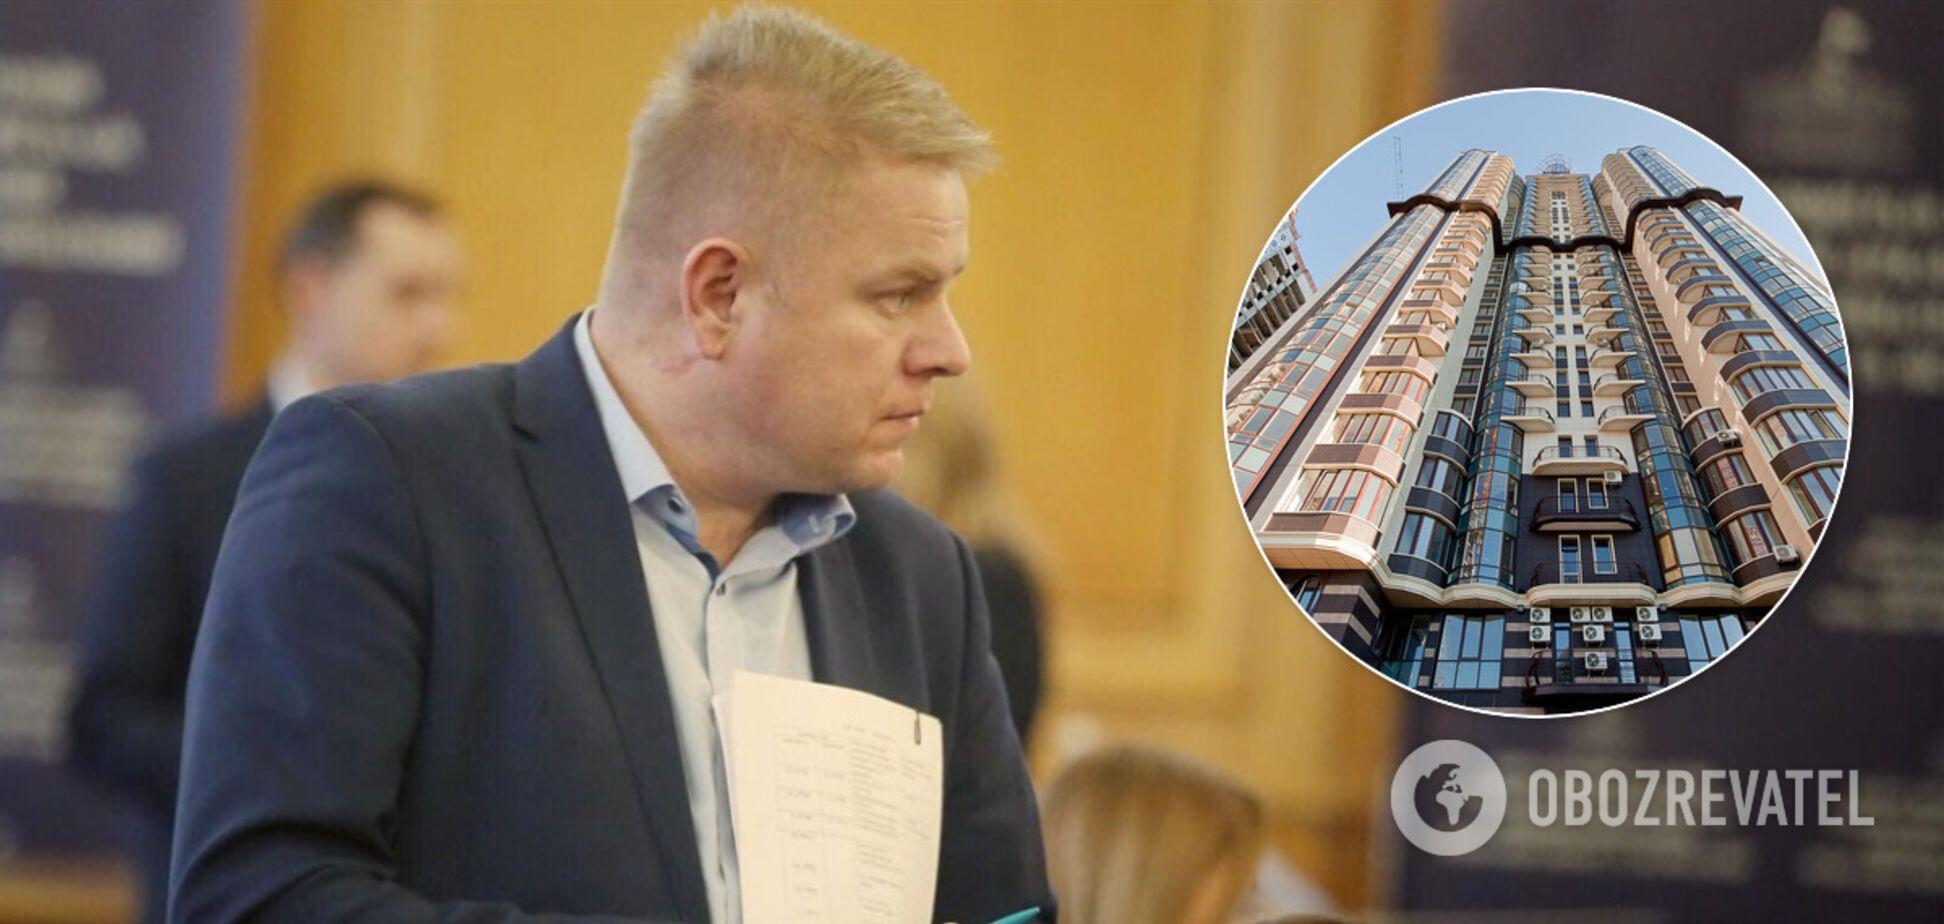 Український нардеп задекларував 158 квартир: близько 30 здає в оренду